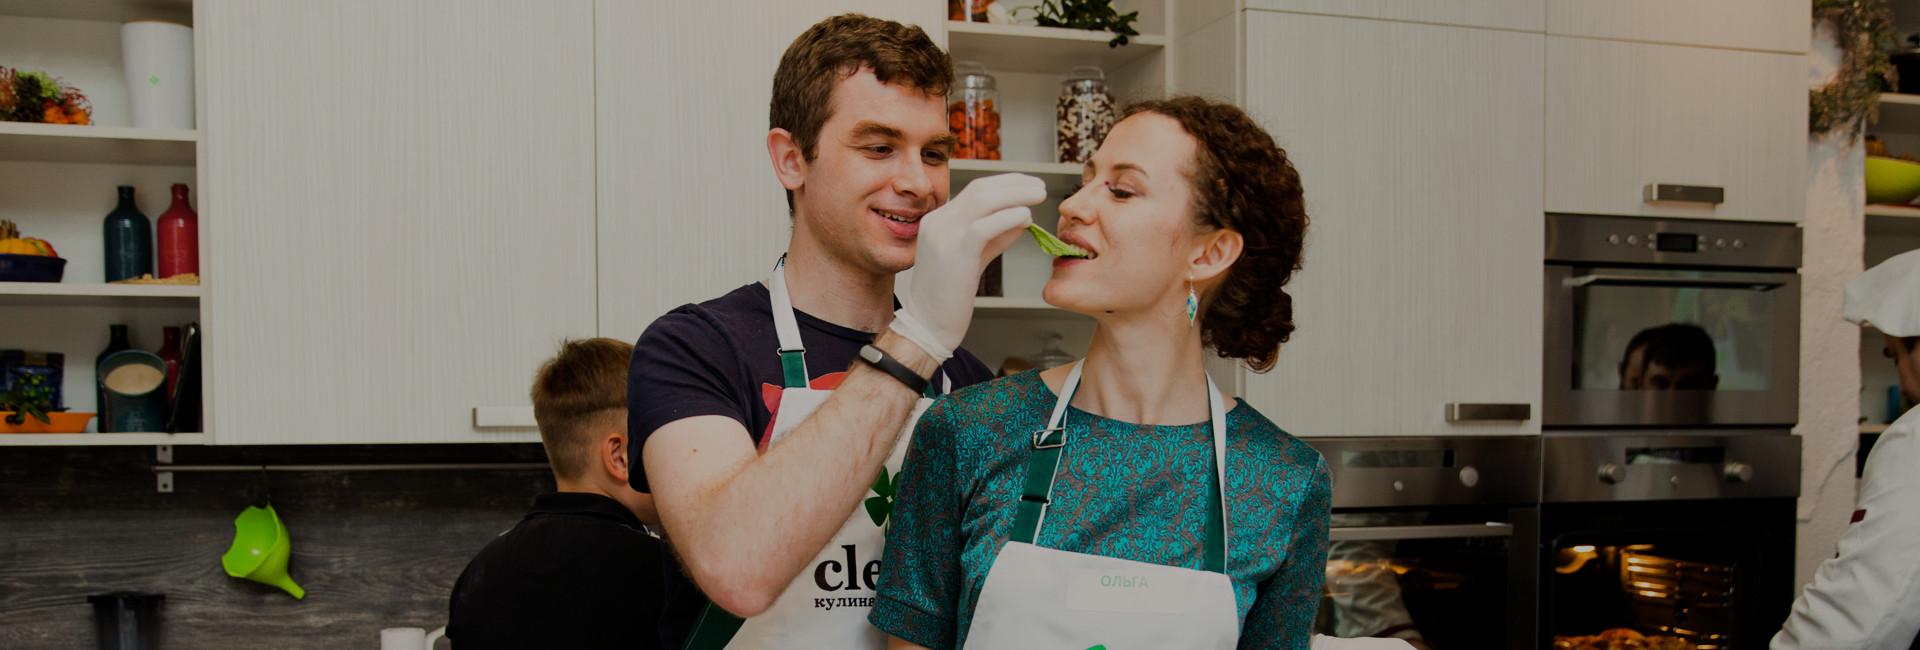 день рождения в кулинарной студии clever